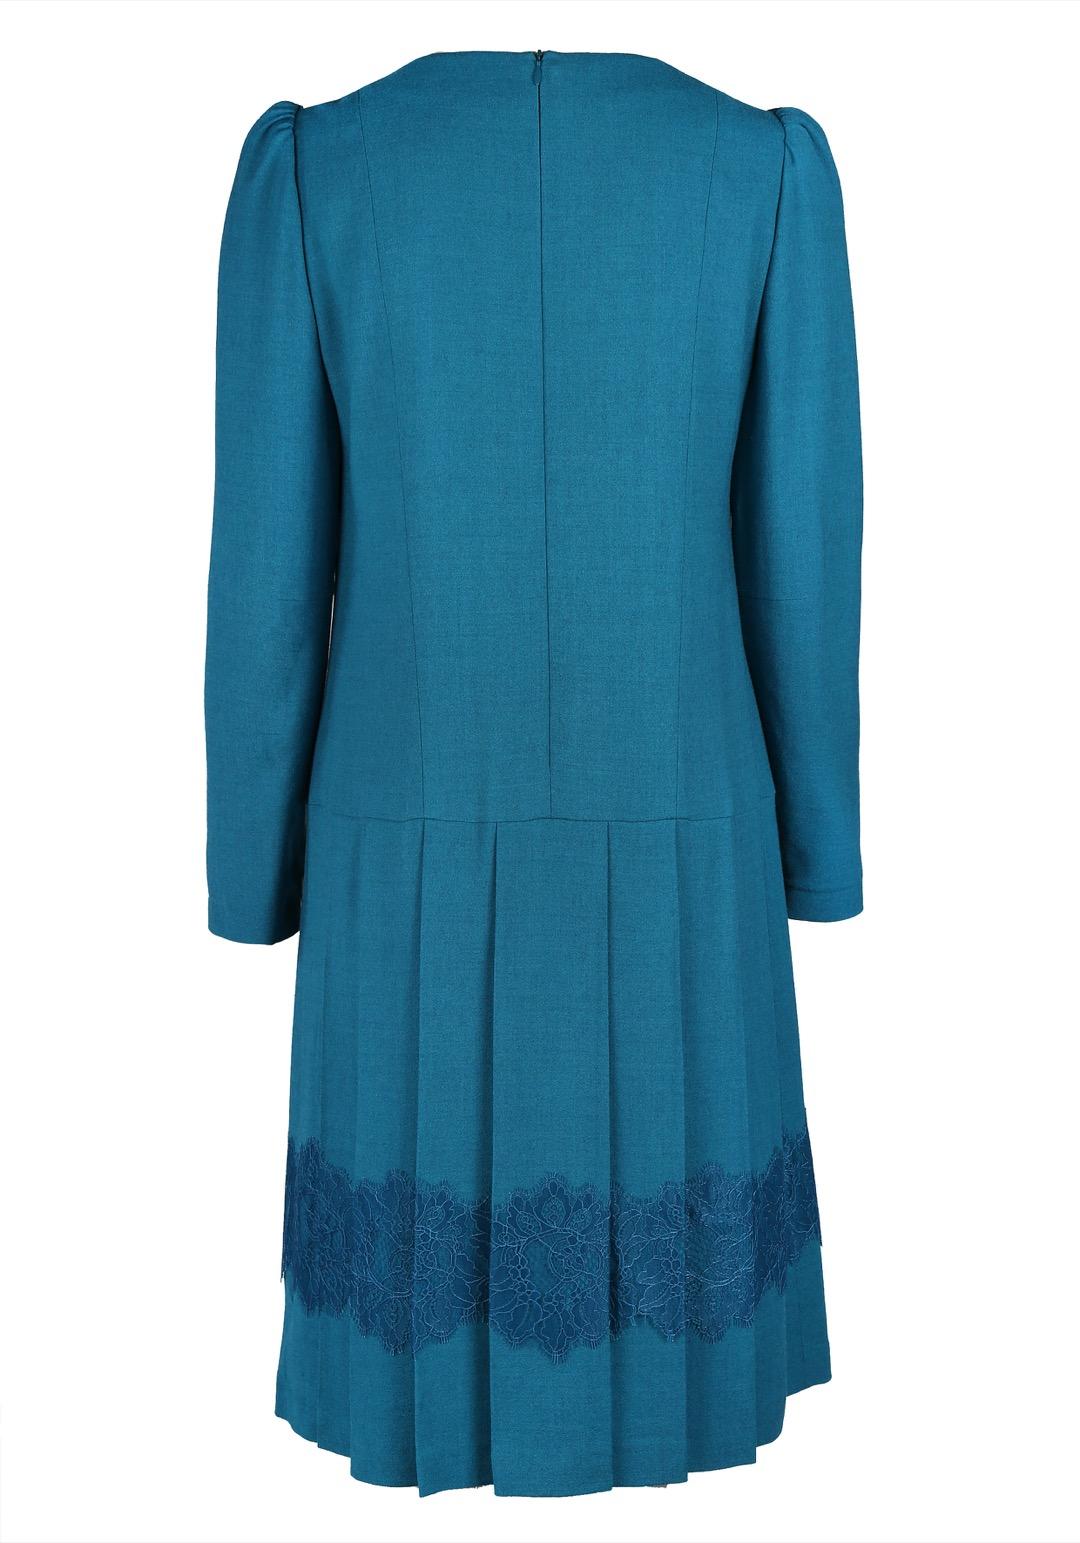 Бирюзовое платье с юбкой в складку, декорированной кружевом